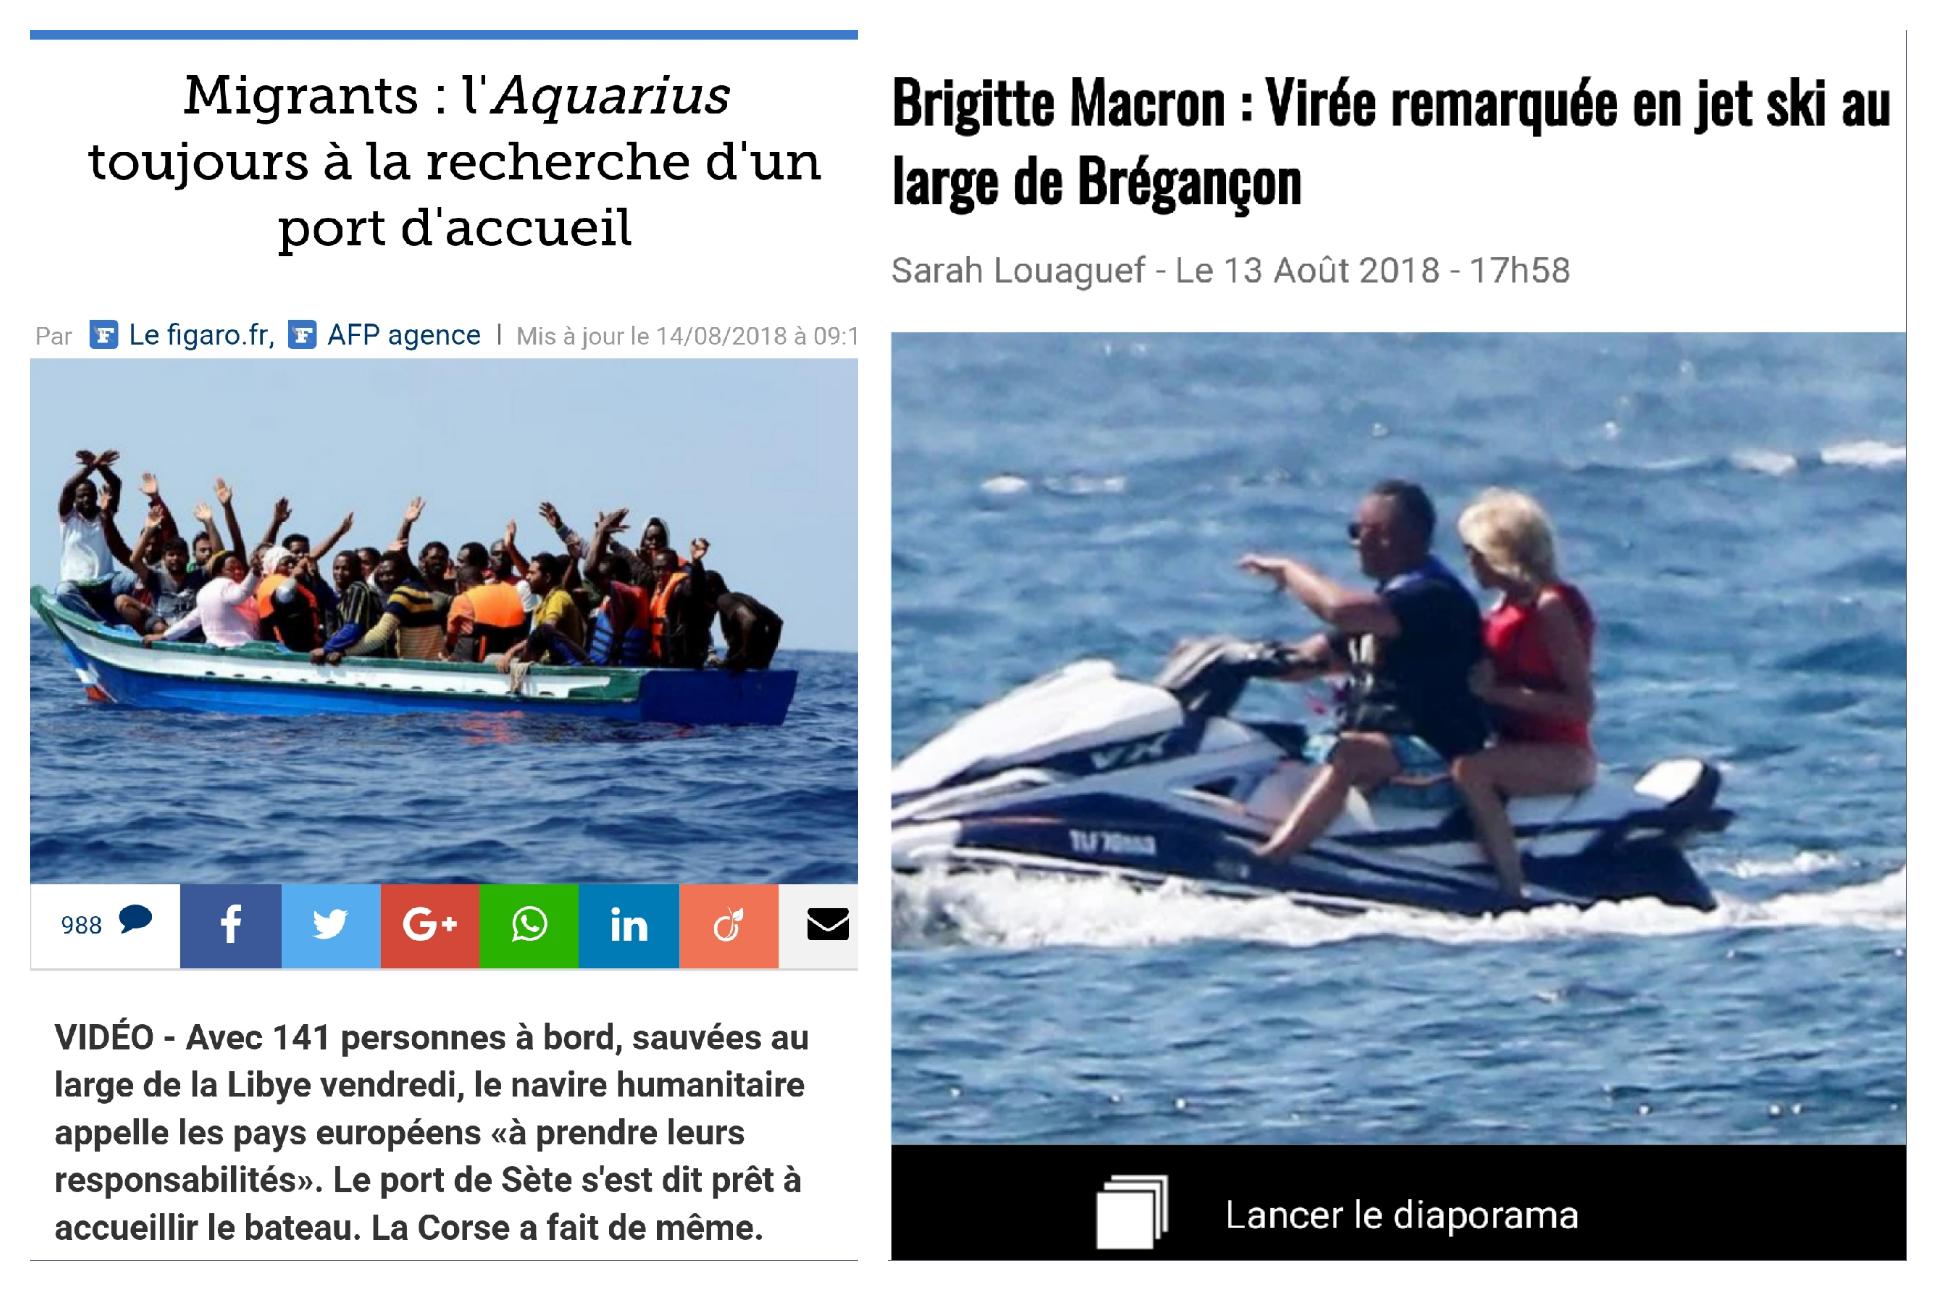 Alerte A Bregancon Brigitte Macron En Jet Ski Face Aux Migrants En Mediterranee Et Elle A Extimites Politiques